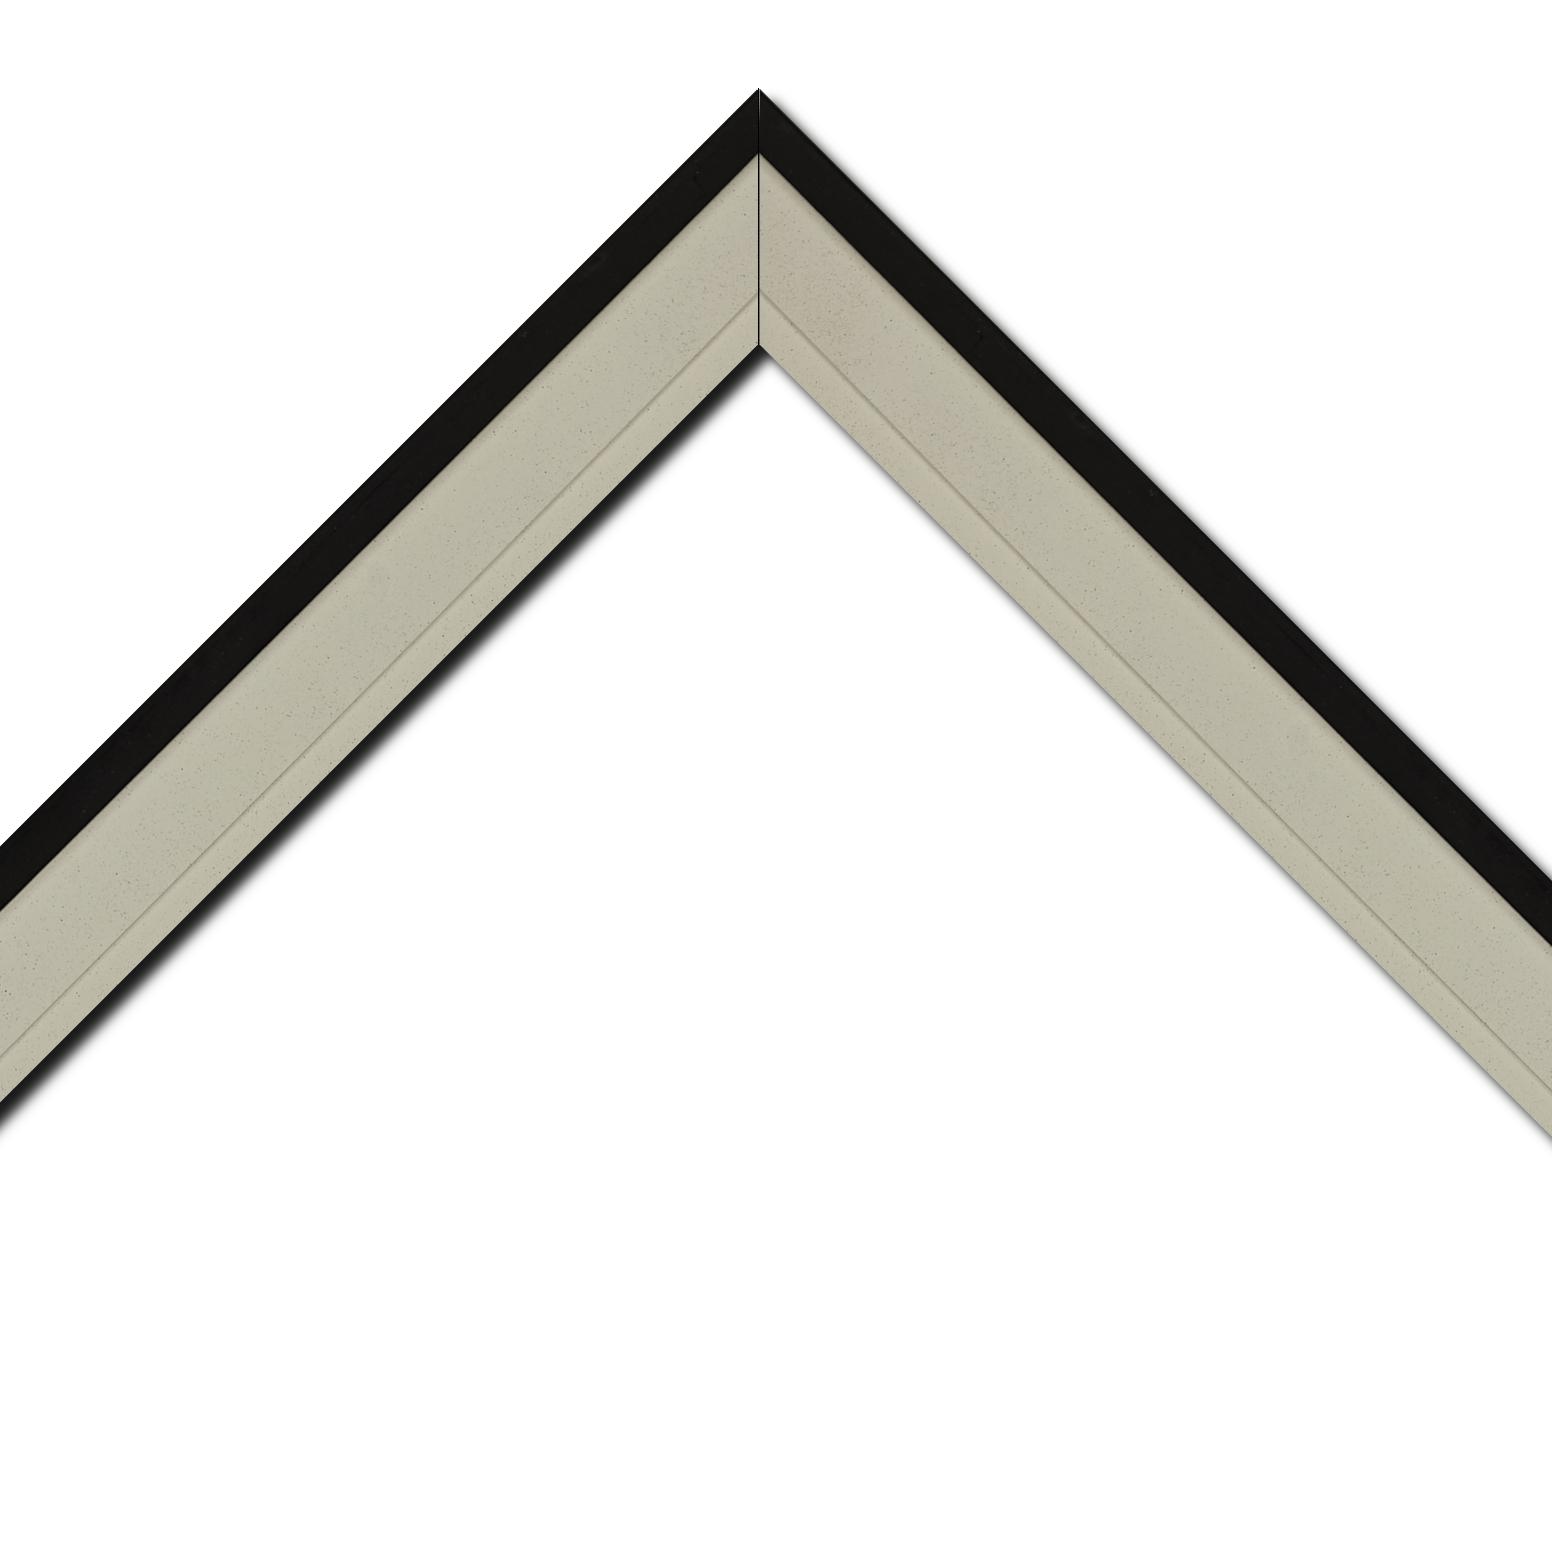 Baguette bois caisse américaine profil escalier largeur 4.4cm couleur taupe clair ,filet noir y compris le coté extérieur (spécialement conçu pour les châssis d'une épaisseur jusqu'à 2.5cm )